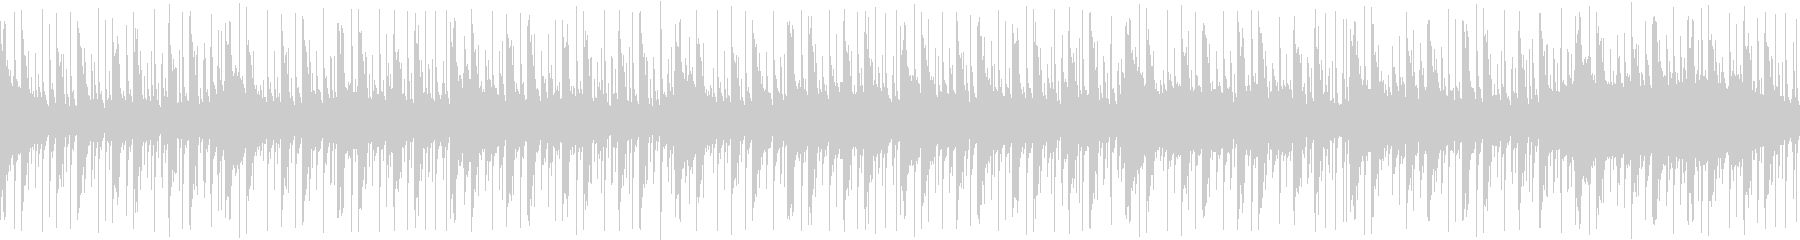 アップテンポな生演奏SAXソロ ループの未再生の波形